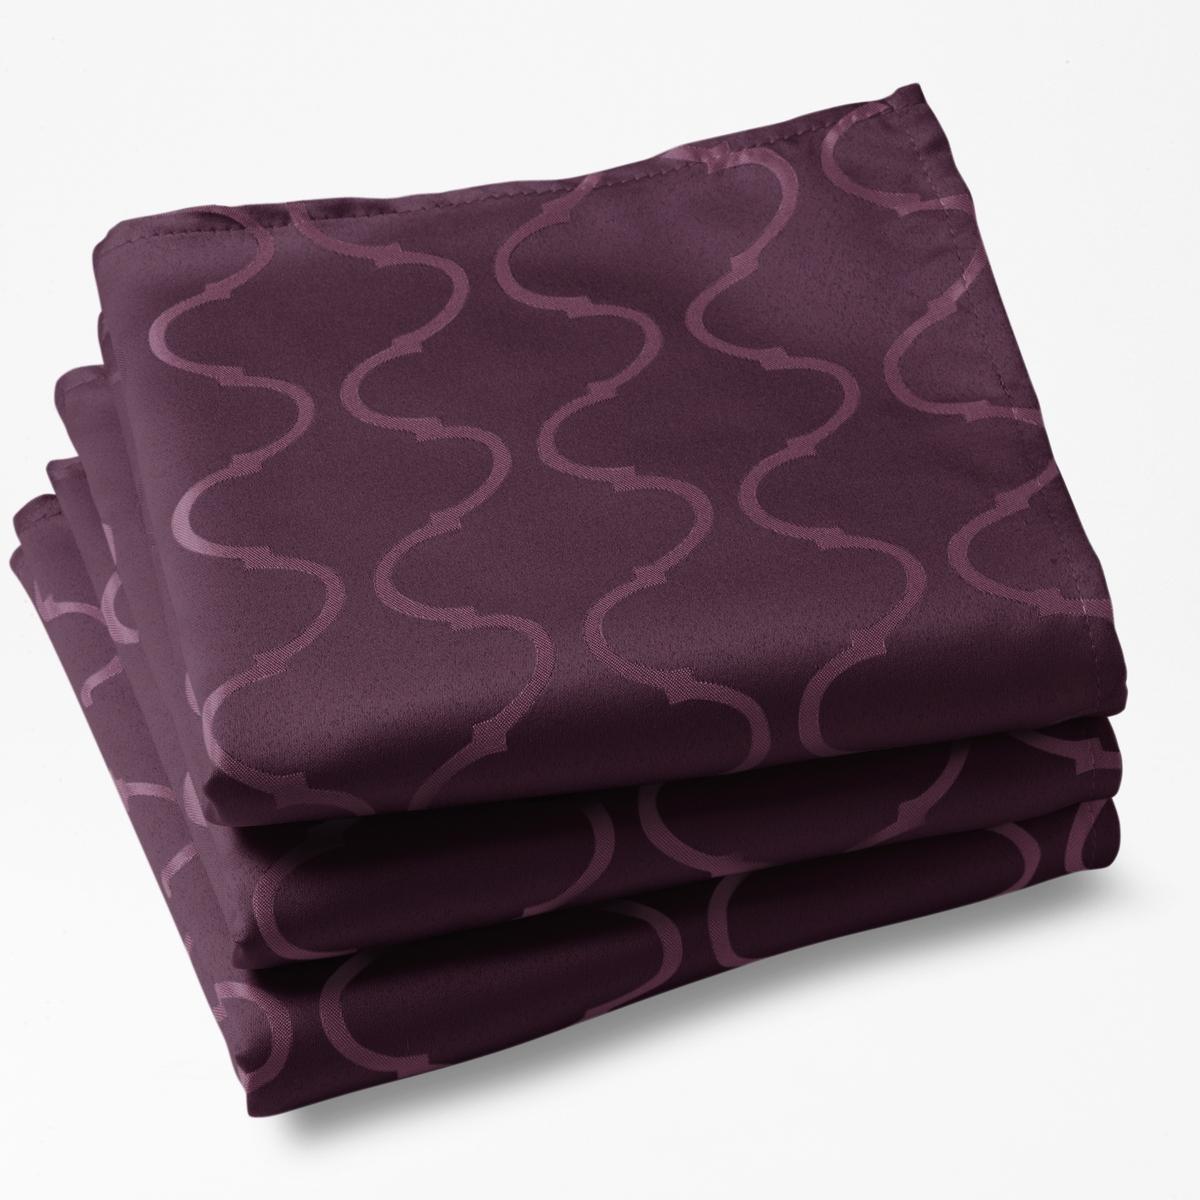 Комплект из 3-х салфеток c узором, Salom?.Характеристики:Материал: 100% полиэстера.Уход: машинная стирка при 40°С.Отделка: подрубленные края.Не гладить: ткань не мнётся. Размеры:- 45 см x 45 см.<br><br>Цвет: белый,красный,серый,ярко-фиолетовый